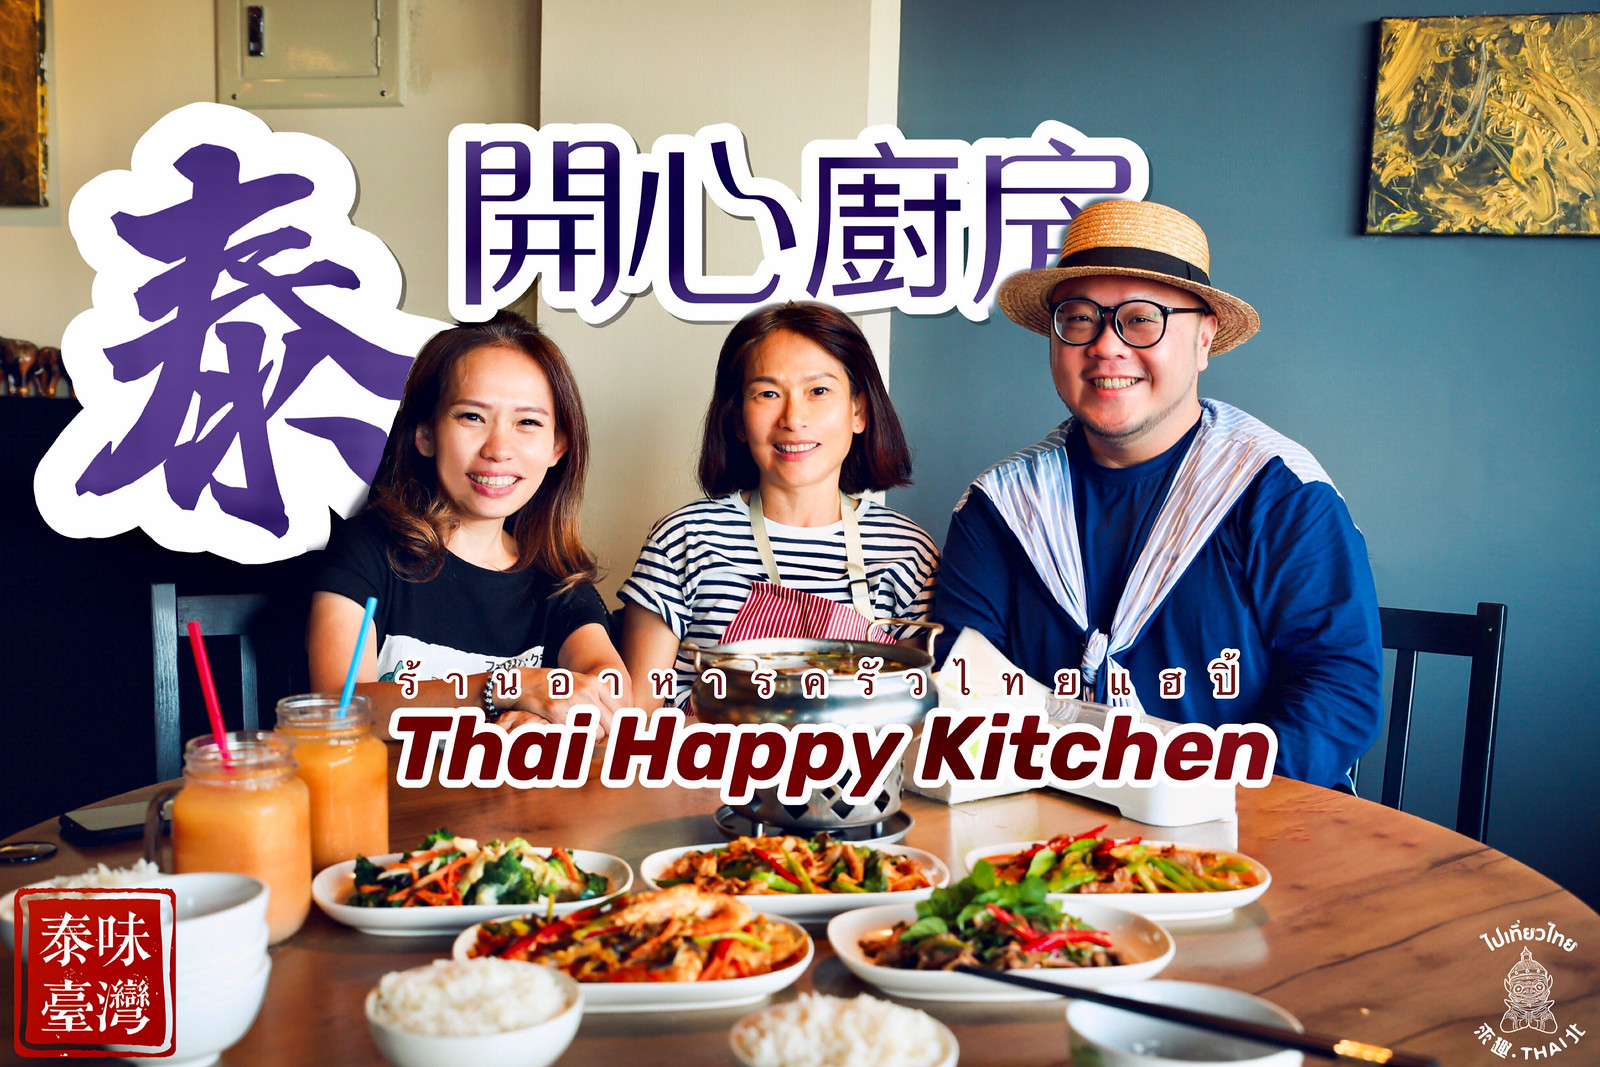 泰國姐妹花的灶咖【泰開心廚房 ร้านอาหารครัวไทยแฮปิ้】